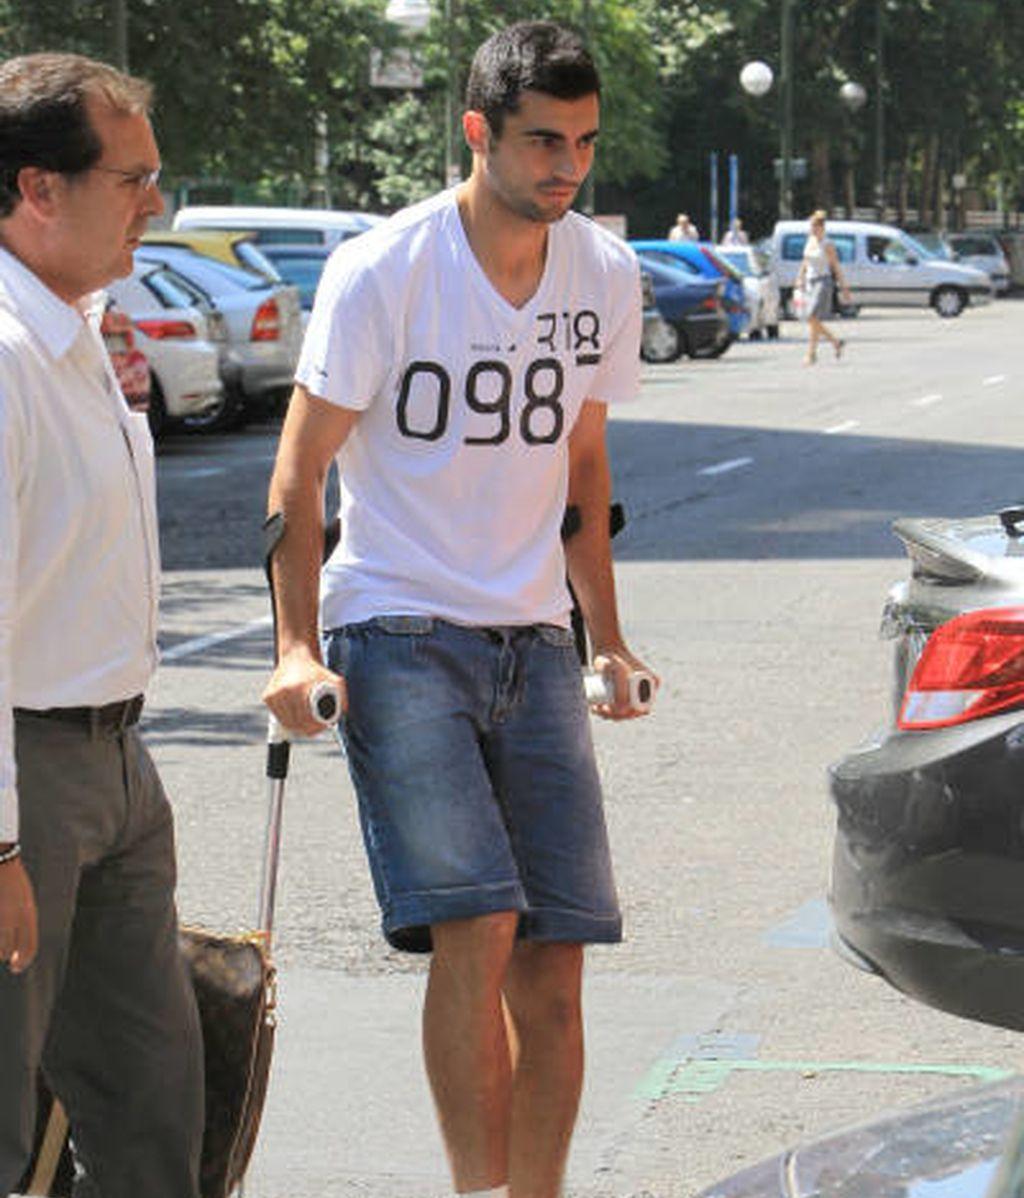 El look más 'casual' de los jugadores del Real Madrid